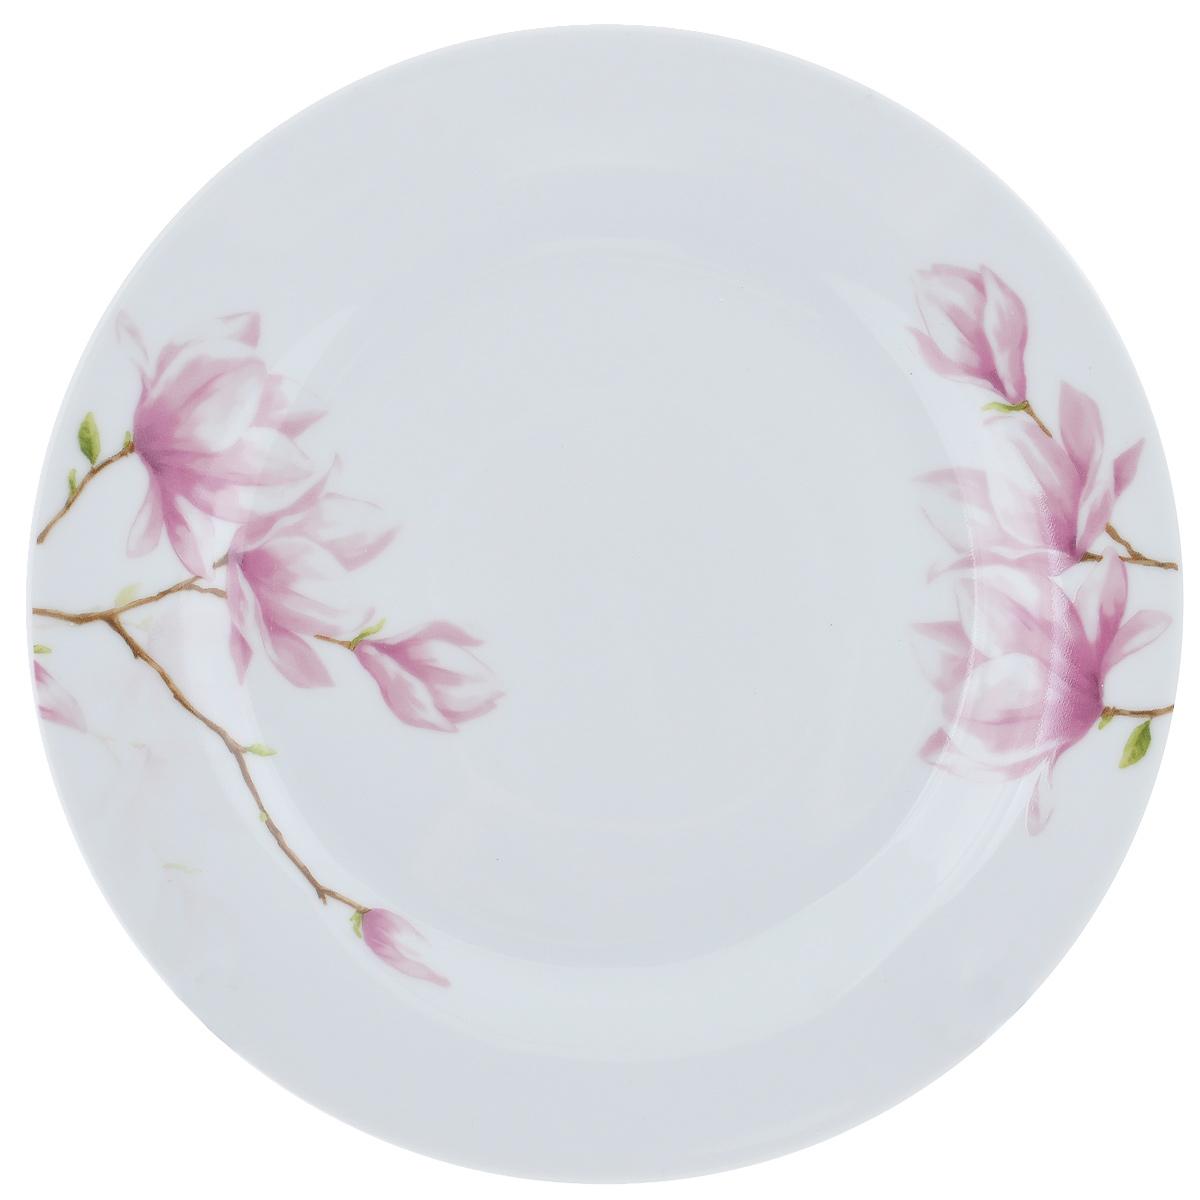 Тарелка для горячего Ваниль, диаметр 23 см54 009312Тарелка Ваниль изготовлена из высококачественного фаянса, покрытого слоем сверкающей глазури. Предназначена для подачи вторых блюд. Изделие декорировано изящным изображением розовых цветов. Такая тарелка украсит сервировку стола и подчеркнет прекрасный вкус хозяйки.Можно мыть в посудомоечной машине и использовать в СВЧ. Диаметр тарелки: 23 см.